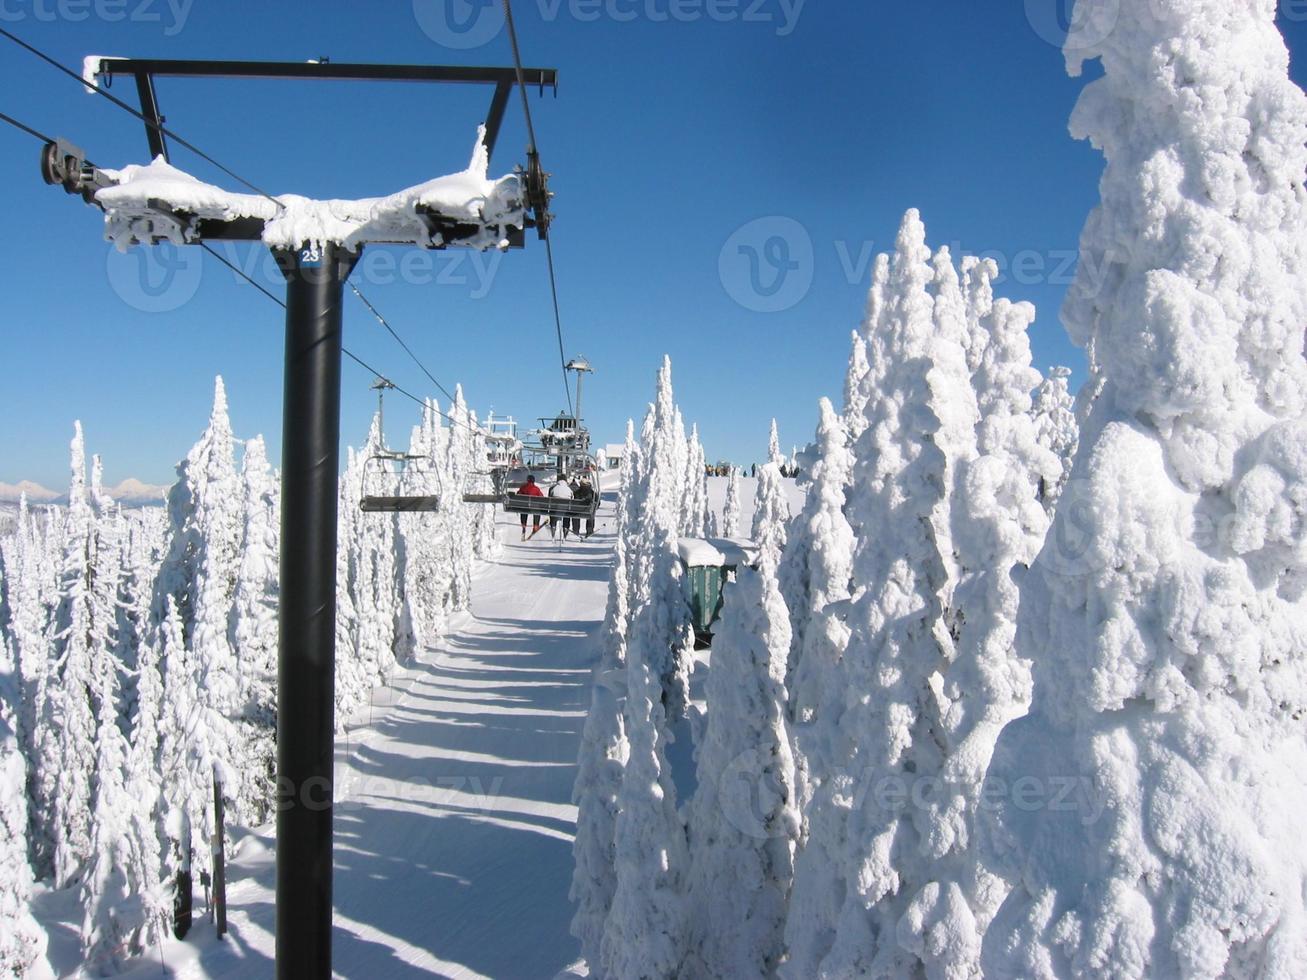 fantastischer Tag zum Skifahren foto